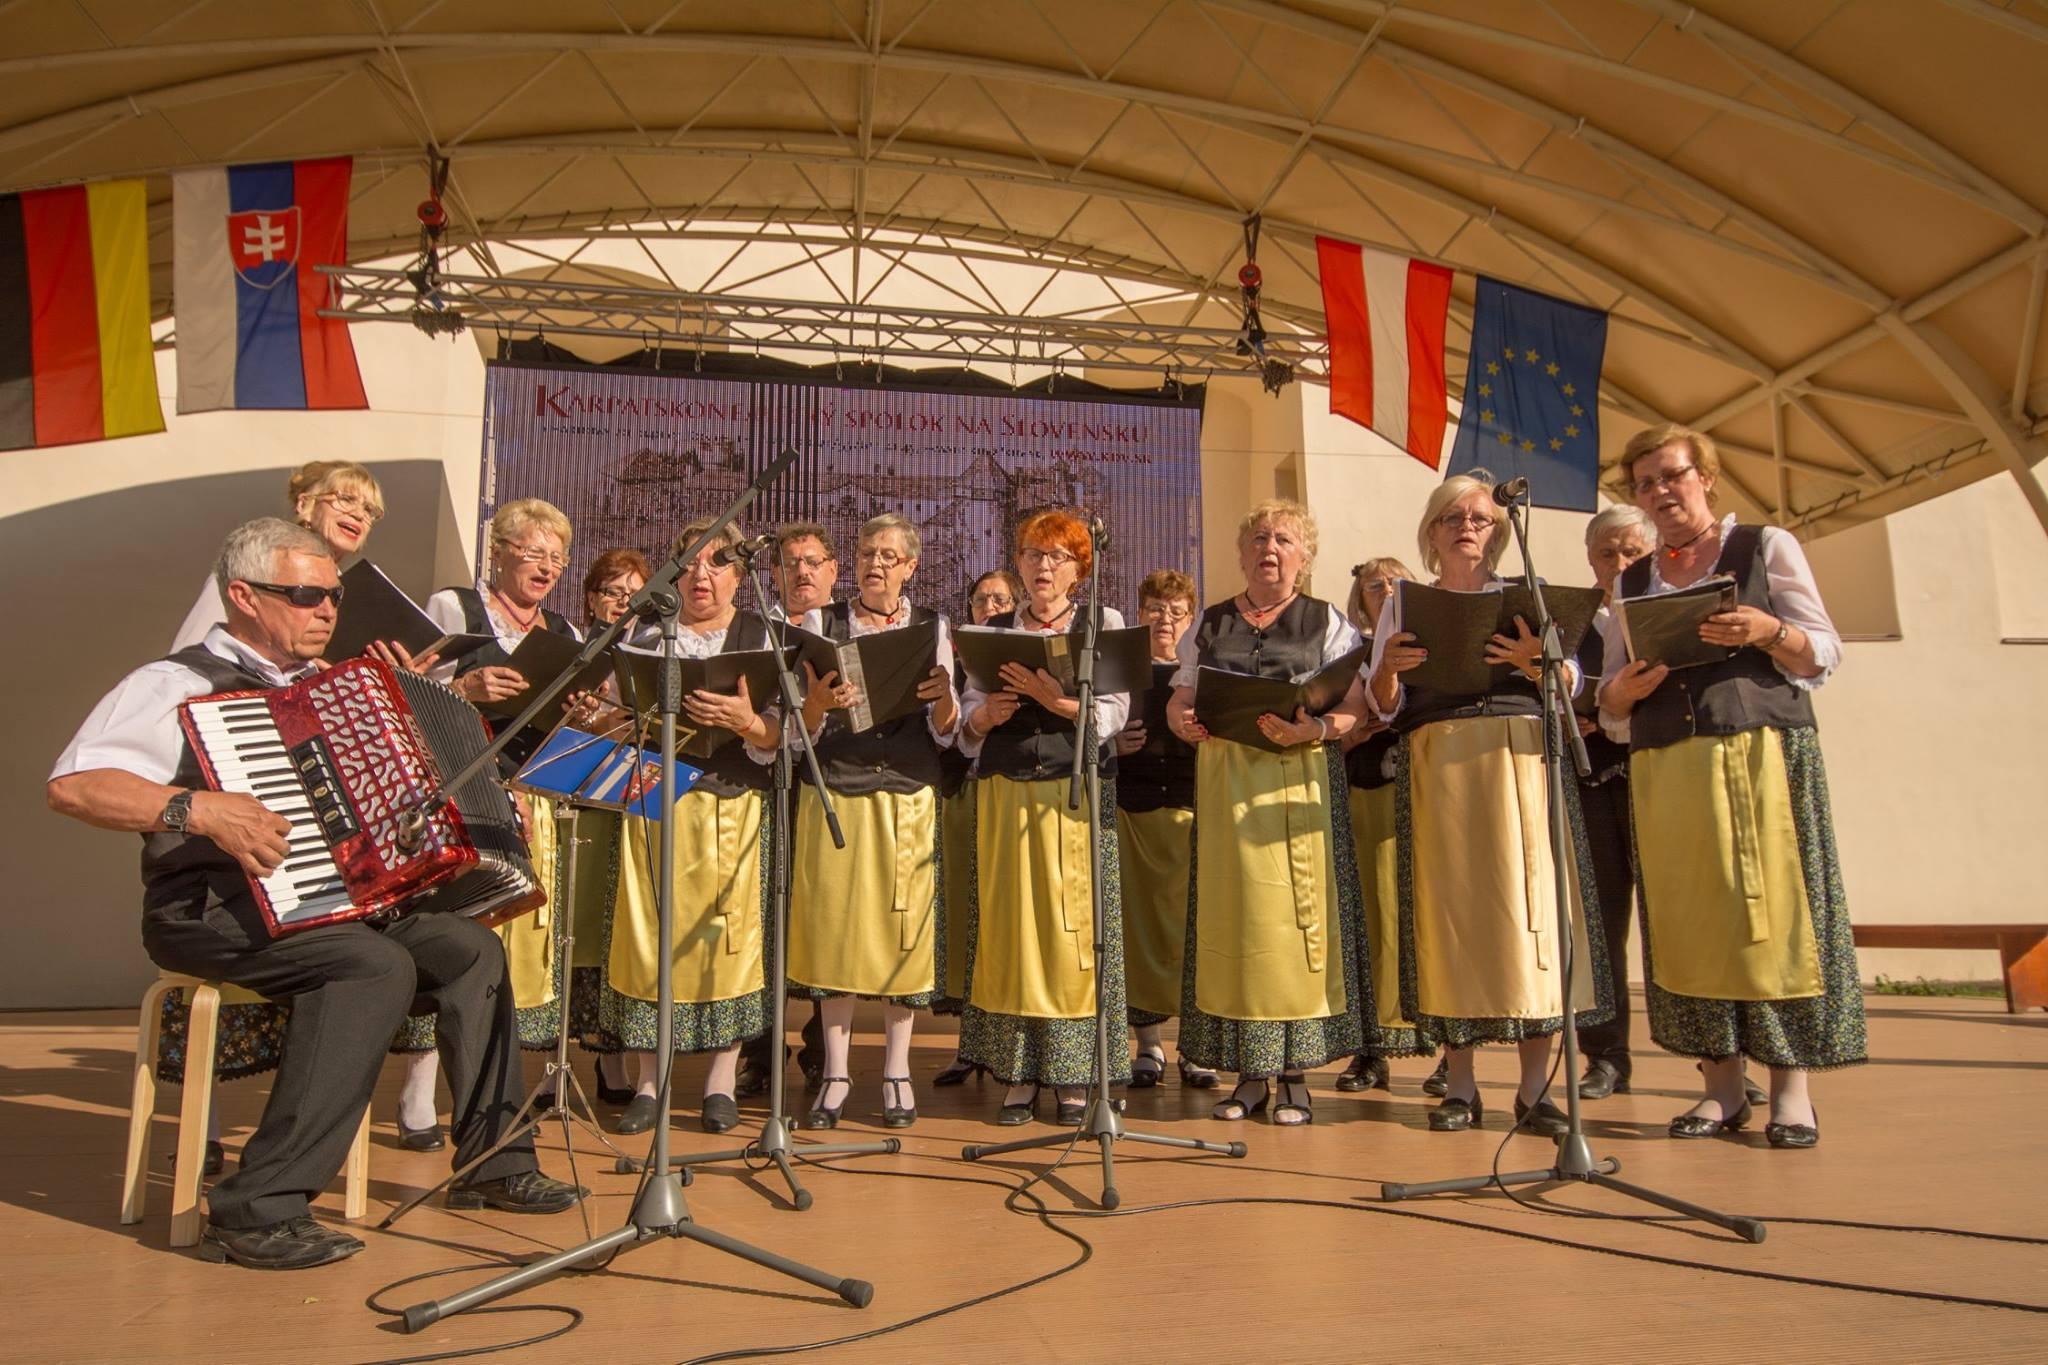 Kultur- und Begegnungsfest in Kežmarok/Käsmark